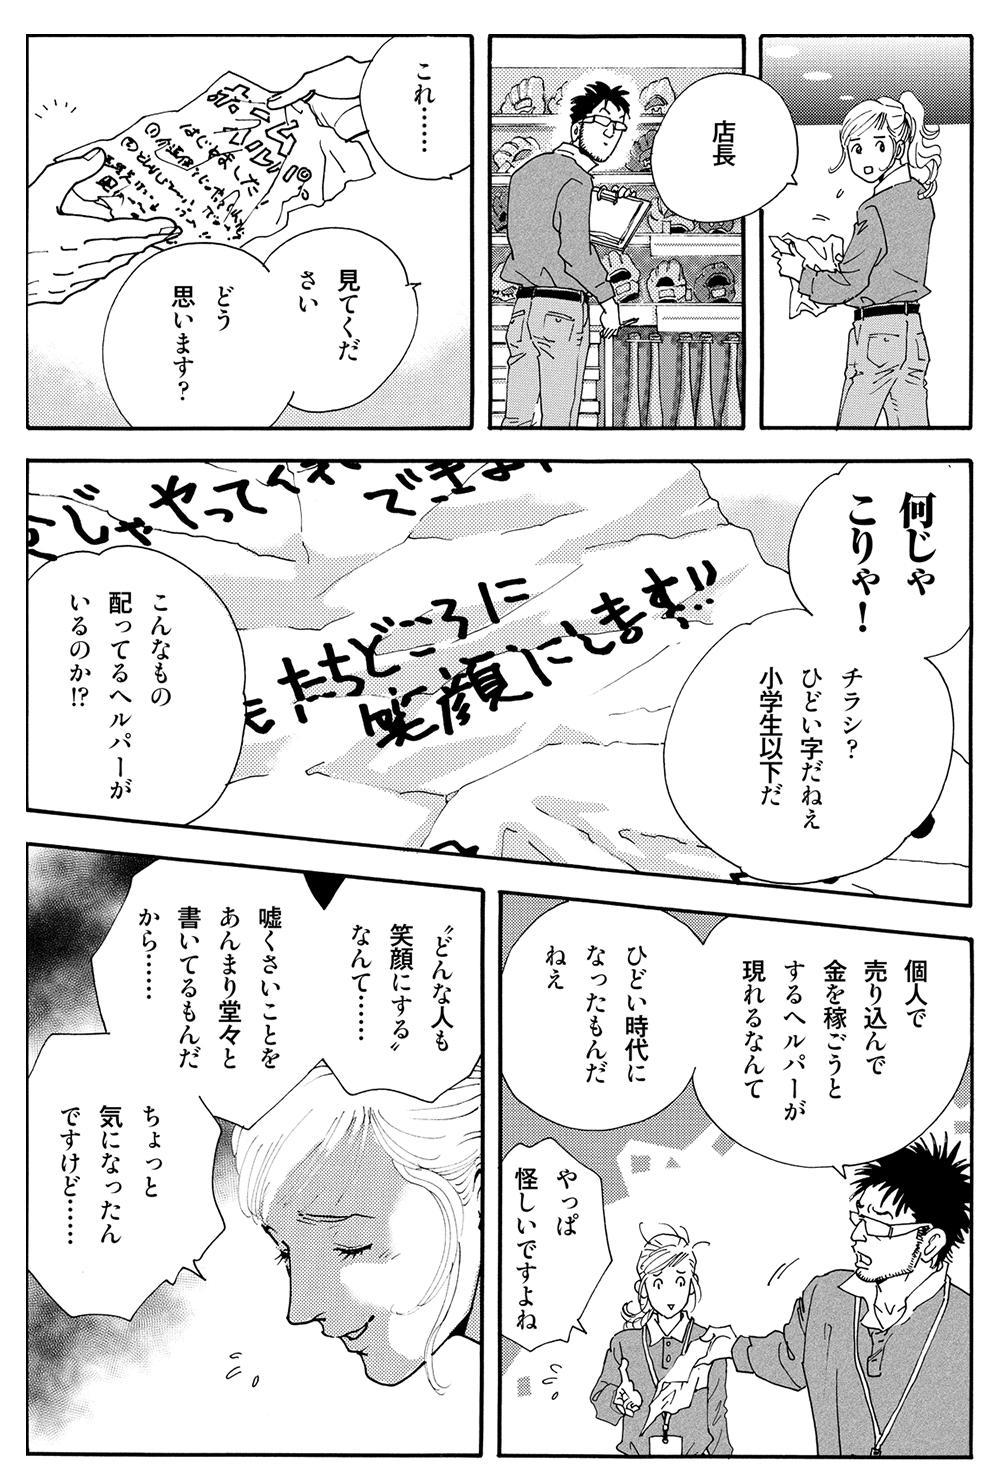 ヘルプマン!! 第3話「怪しい男」helpman03-03.jpg